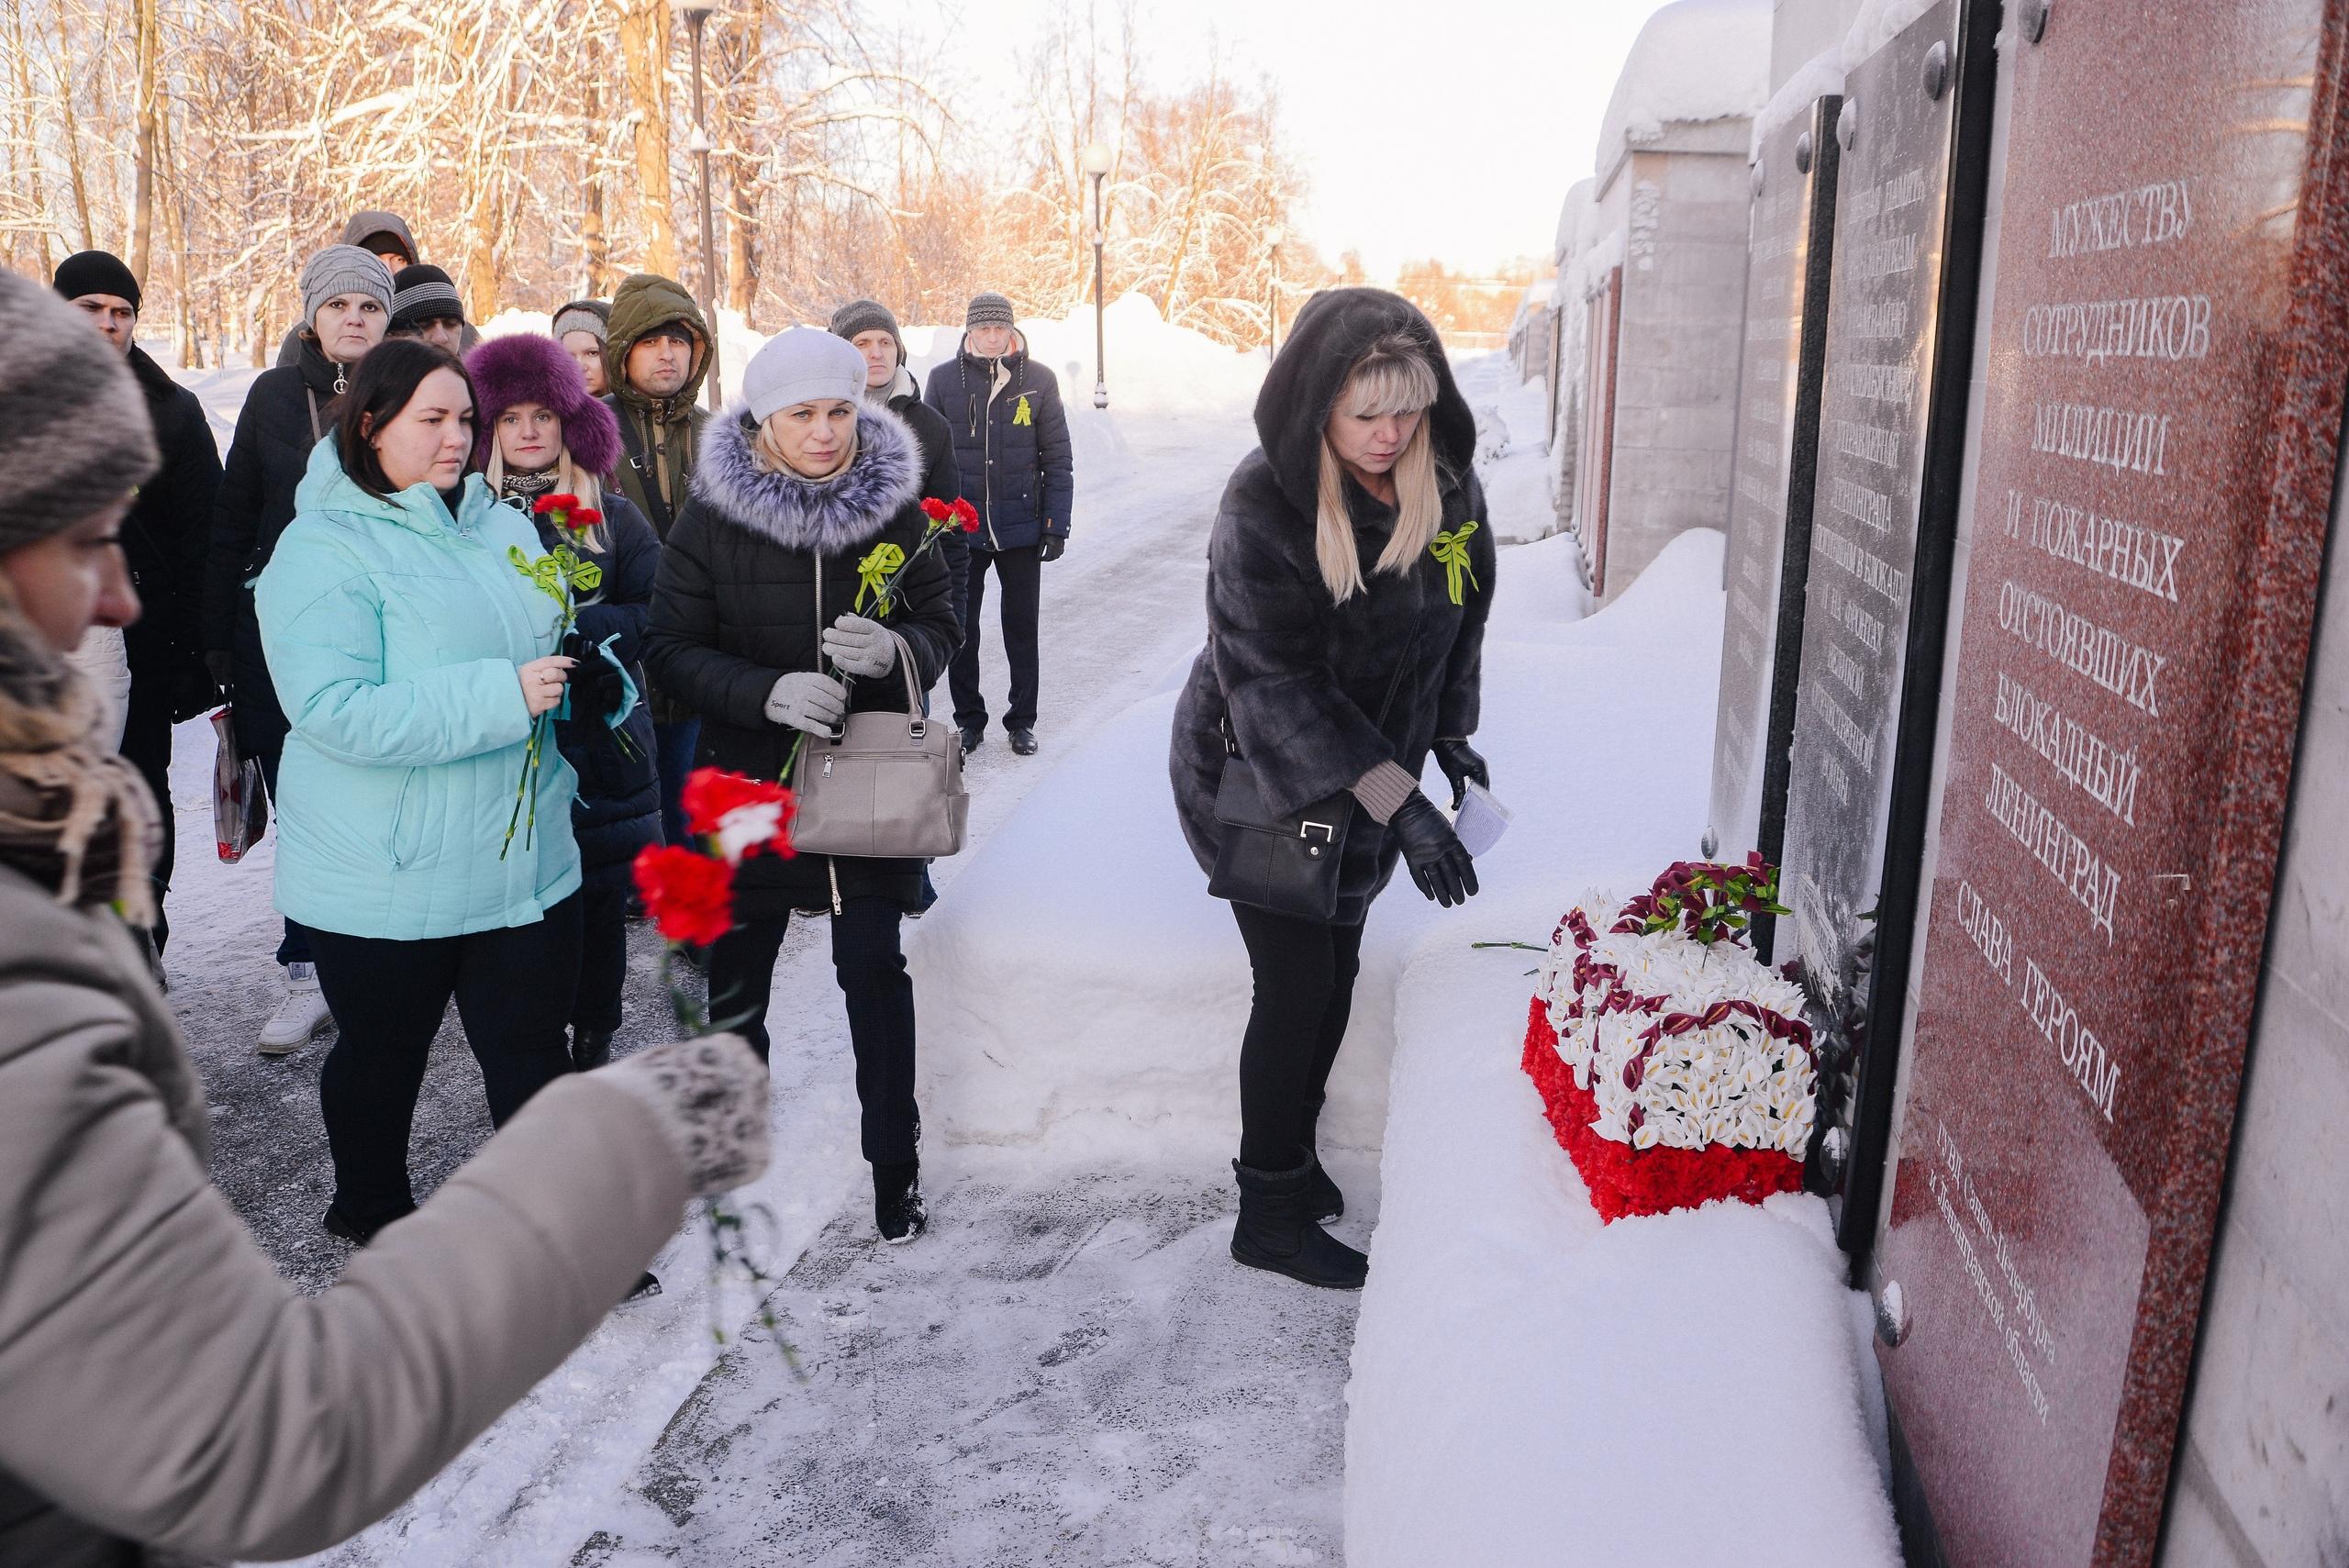 Воспитанники УКК почтили память трамвайщиков блокадного Ленинграда